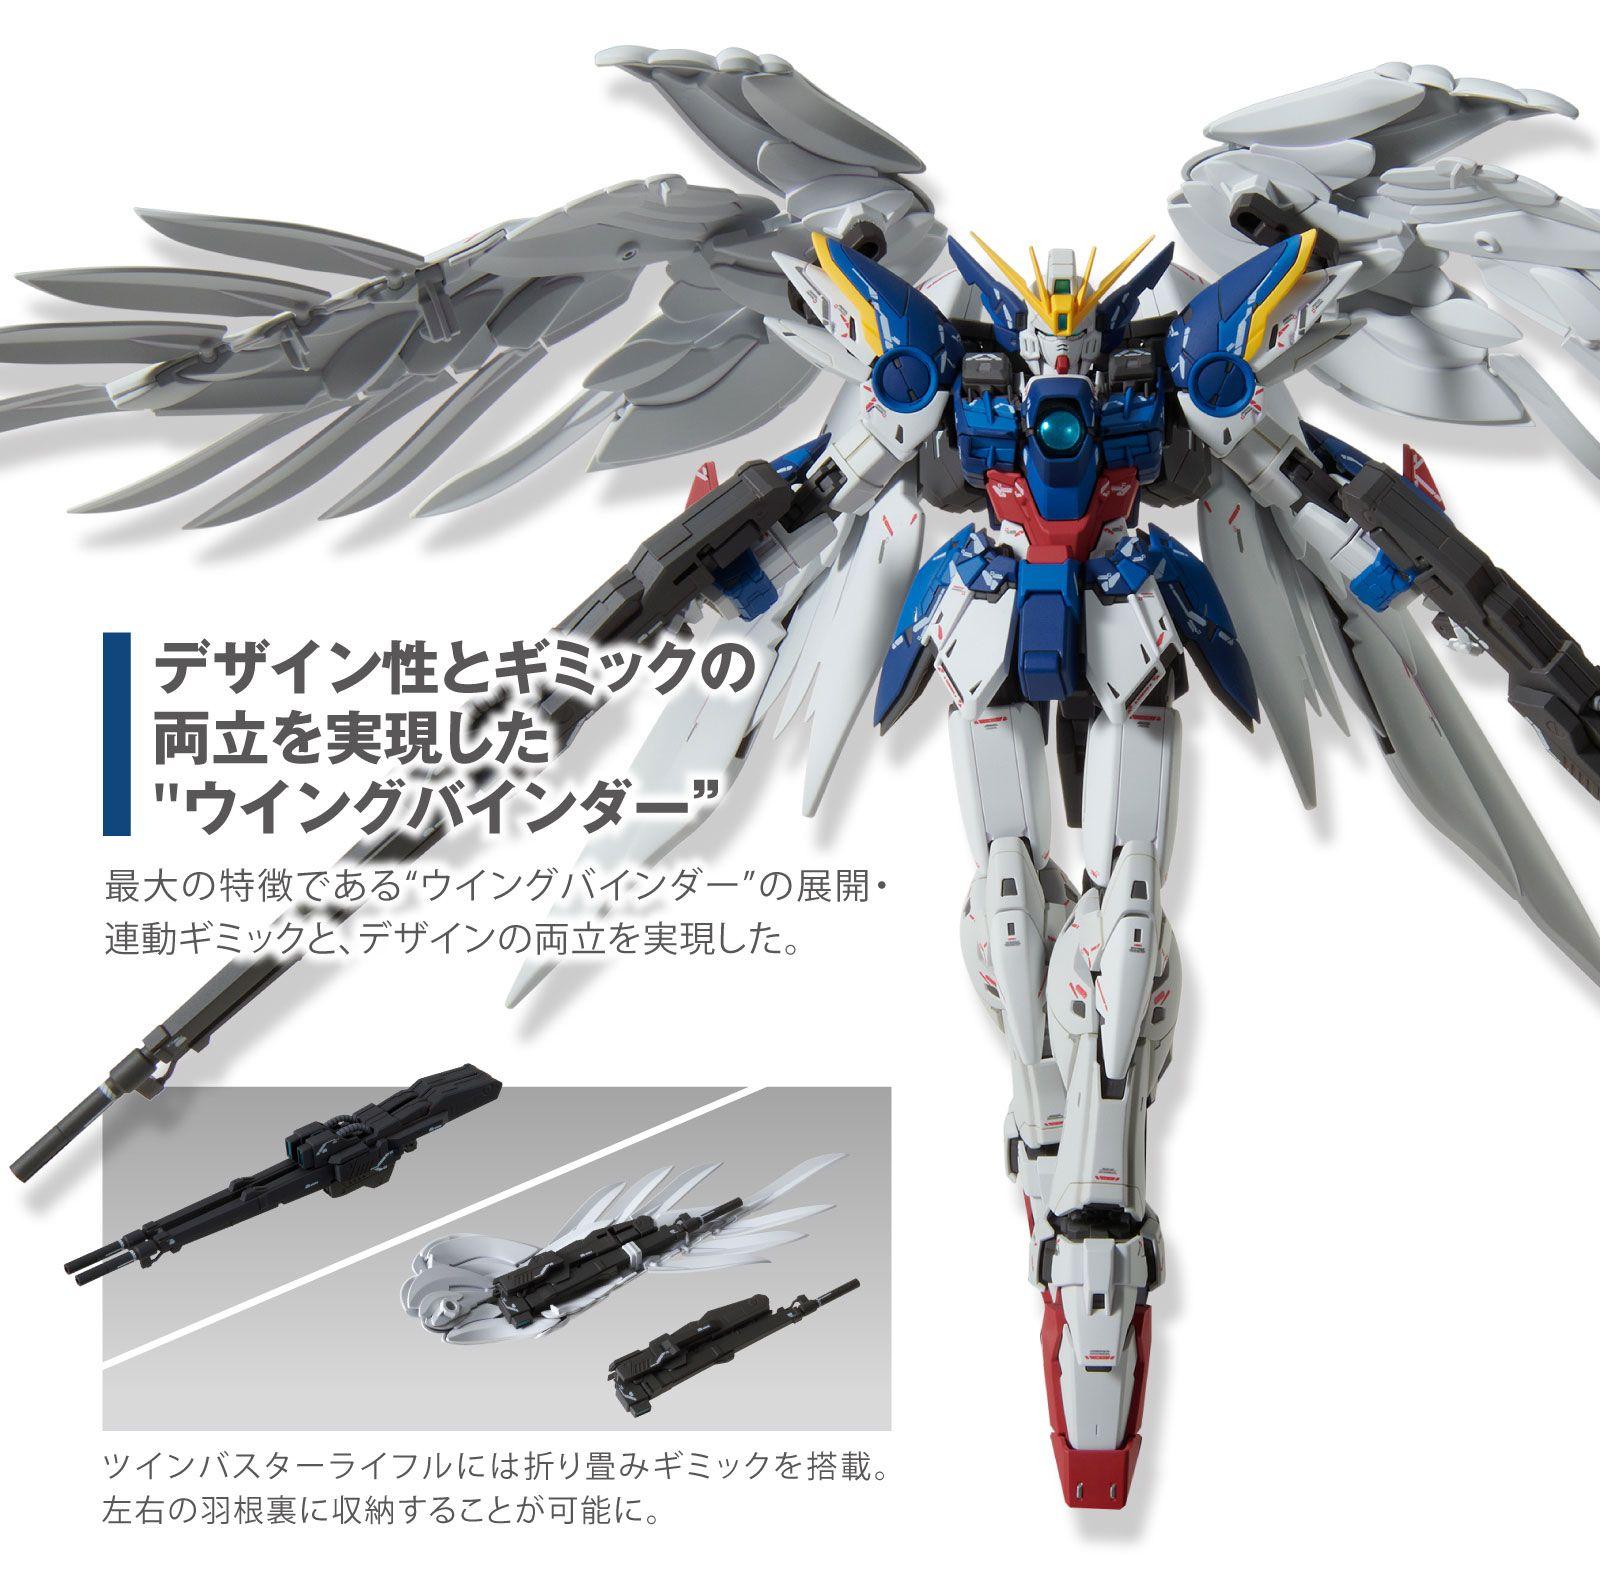 Mg 1 100 Wing Gundam Zero Ew Ver Ka Release Info Gundam Kits Collection News And Reviews Gundam Gundam Wing Zero Box Art